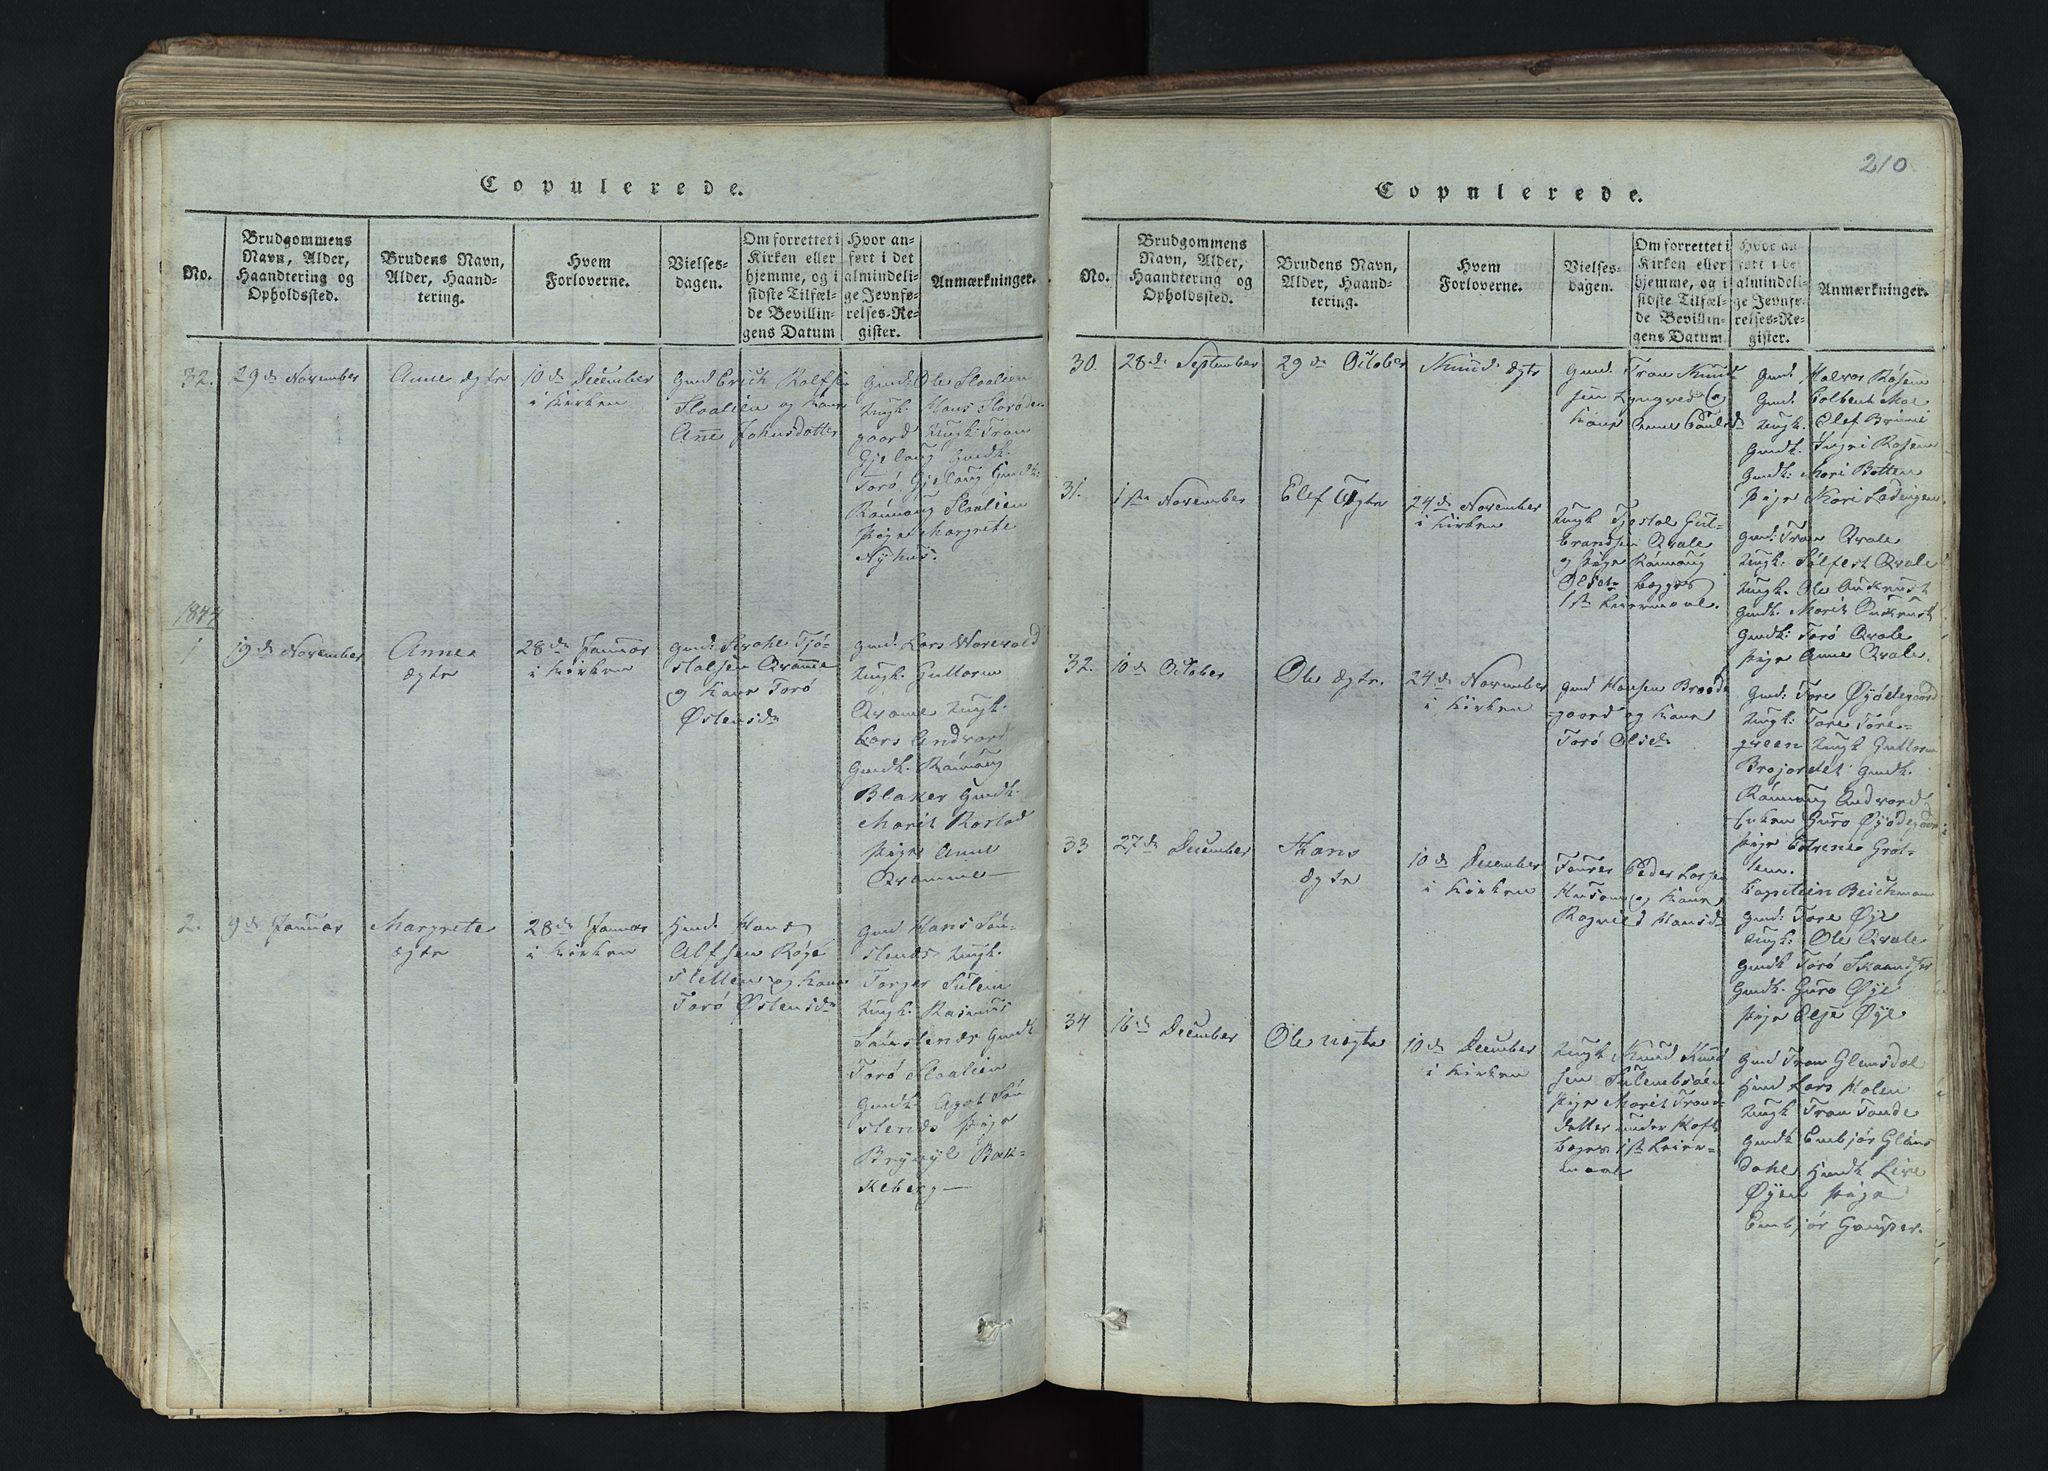 SAH, Lom prestekontor, L/L0002: Klokkerbok nr. 2, 1815-1844, s. 210